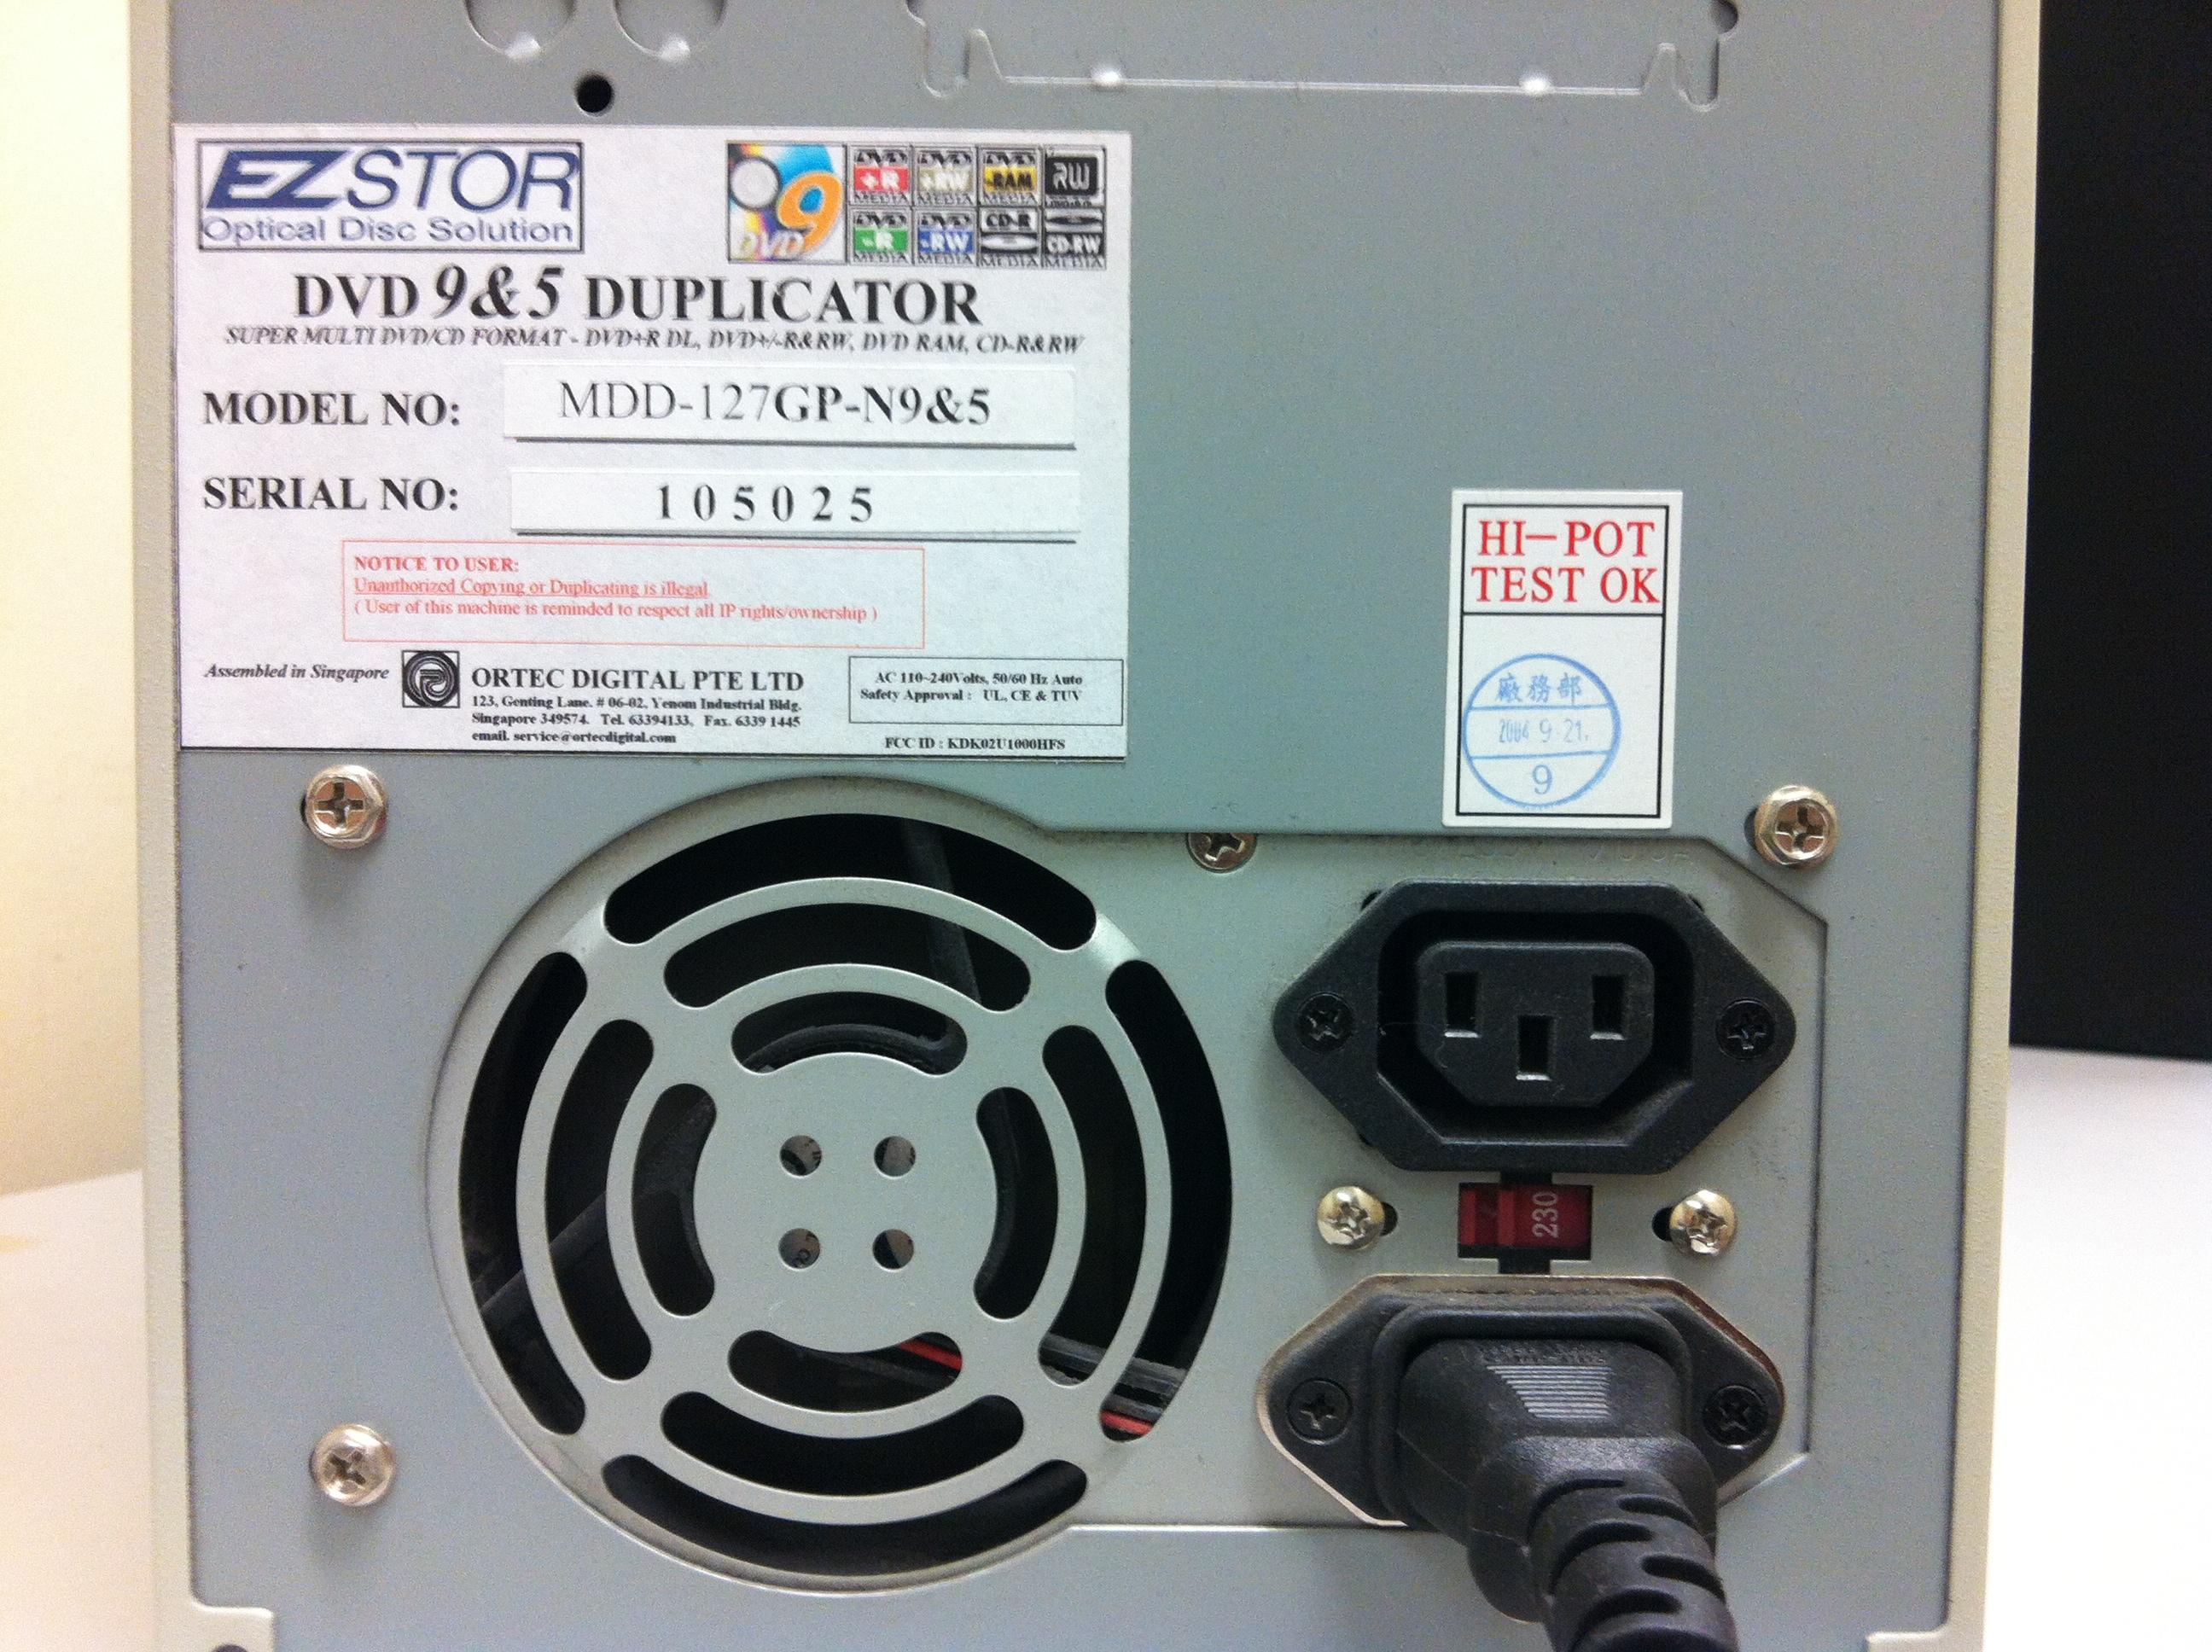 DVD Duplicator (3)